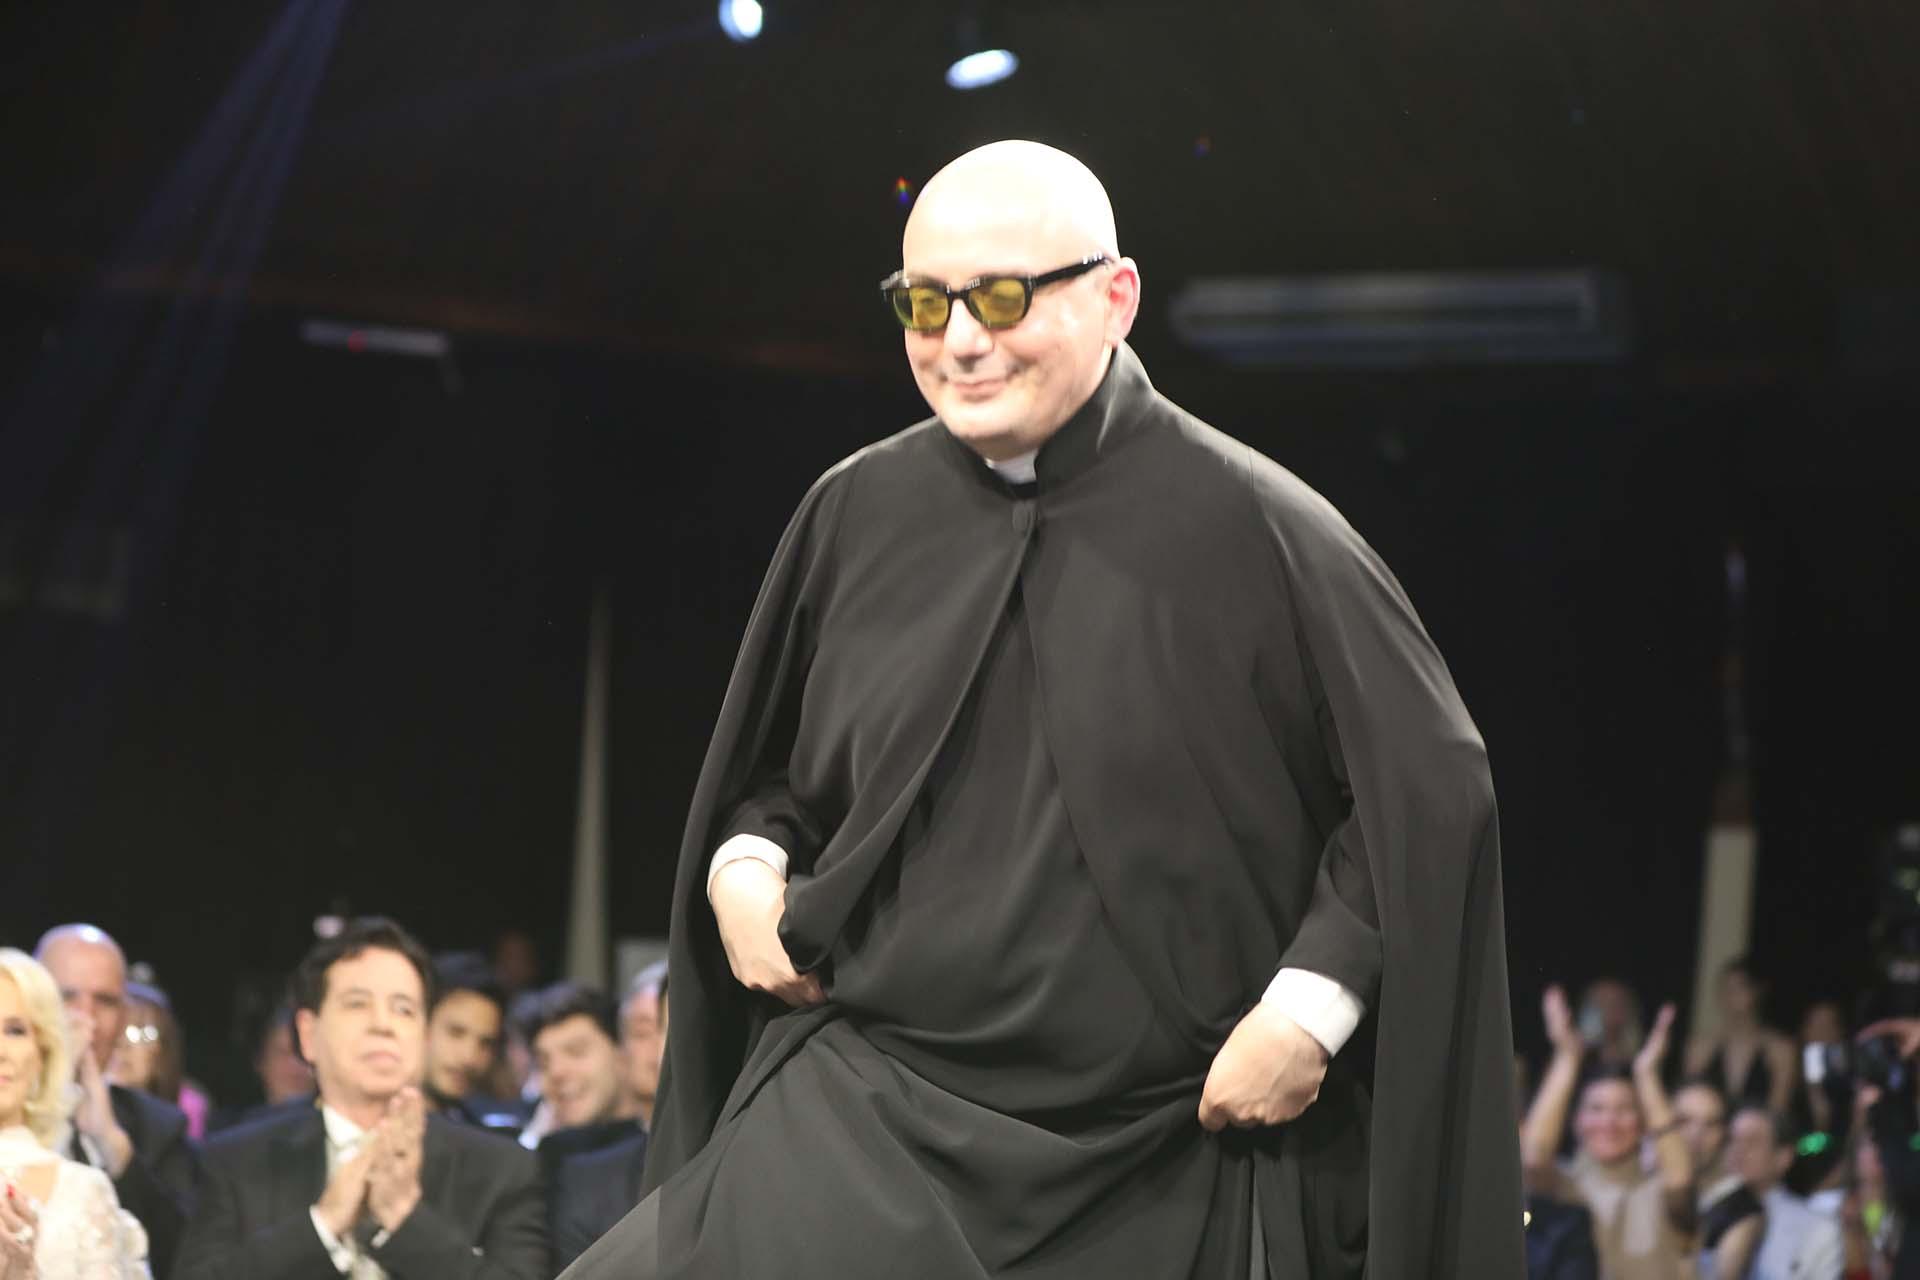 Pablo Ramírez -con un look sacerdotal- se llevó el premio como Mejor Diseñador de Alta Costura en una terna que compitió con Javier Saiach, Fabián Zitta, Gabriel Lage, Marcelo Giacobbe y Claudio Cosano